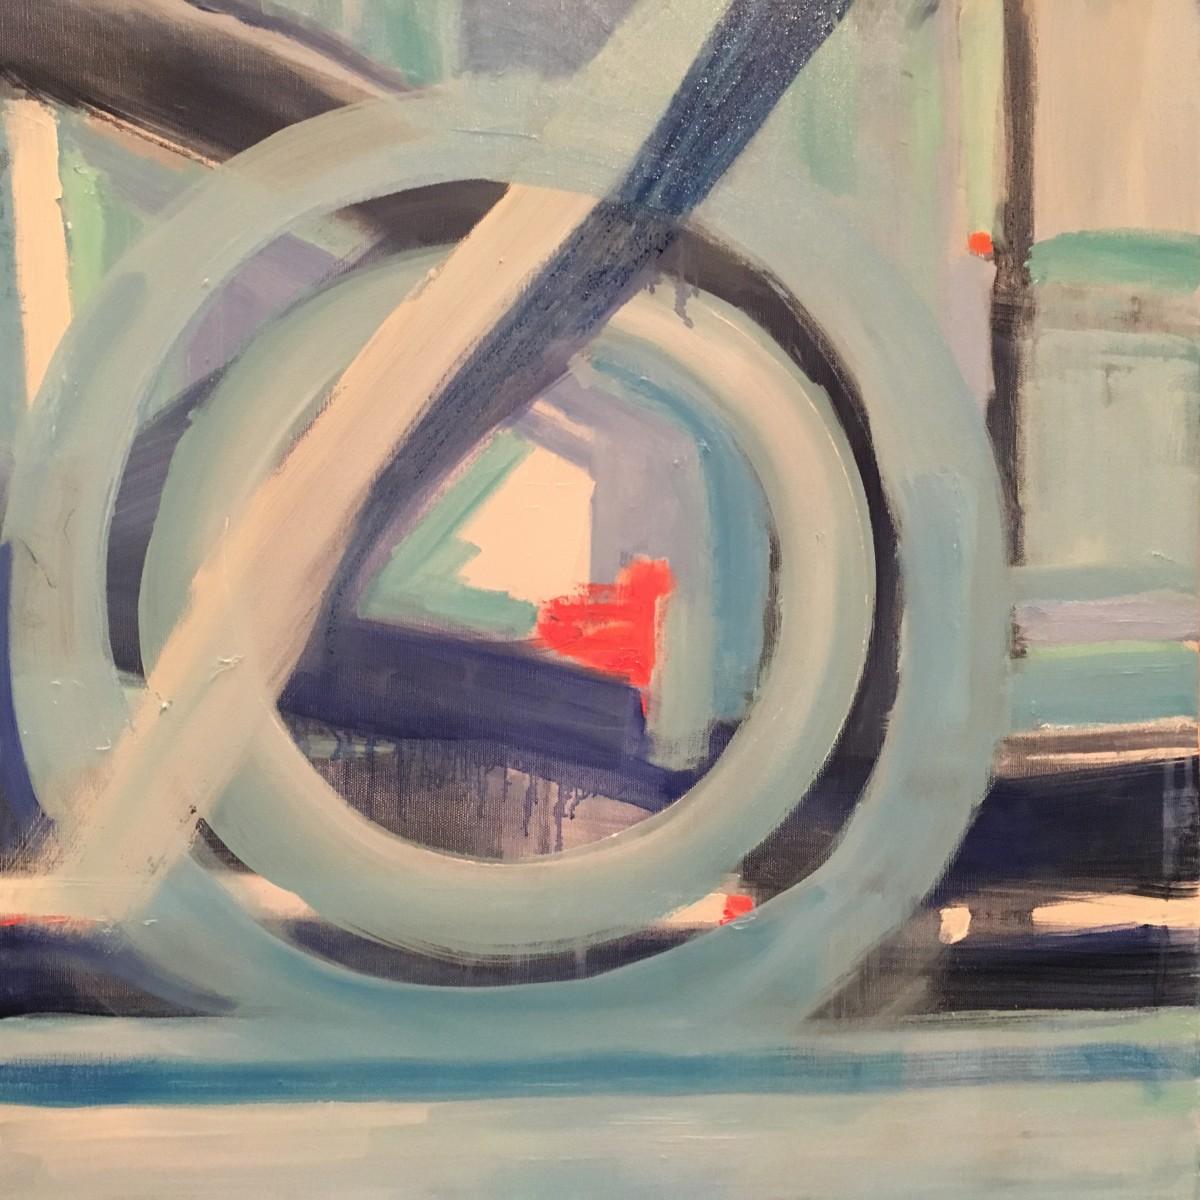 Infinity by Dana Goodfellow